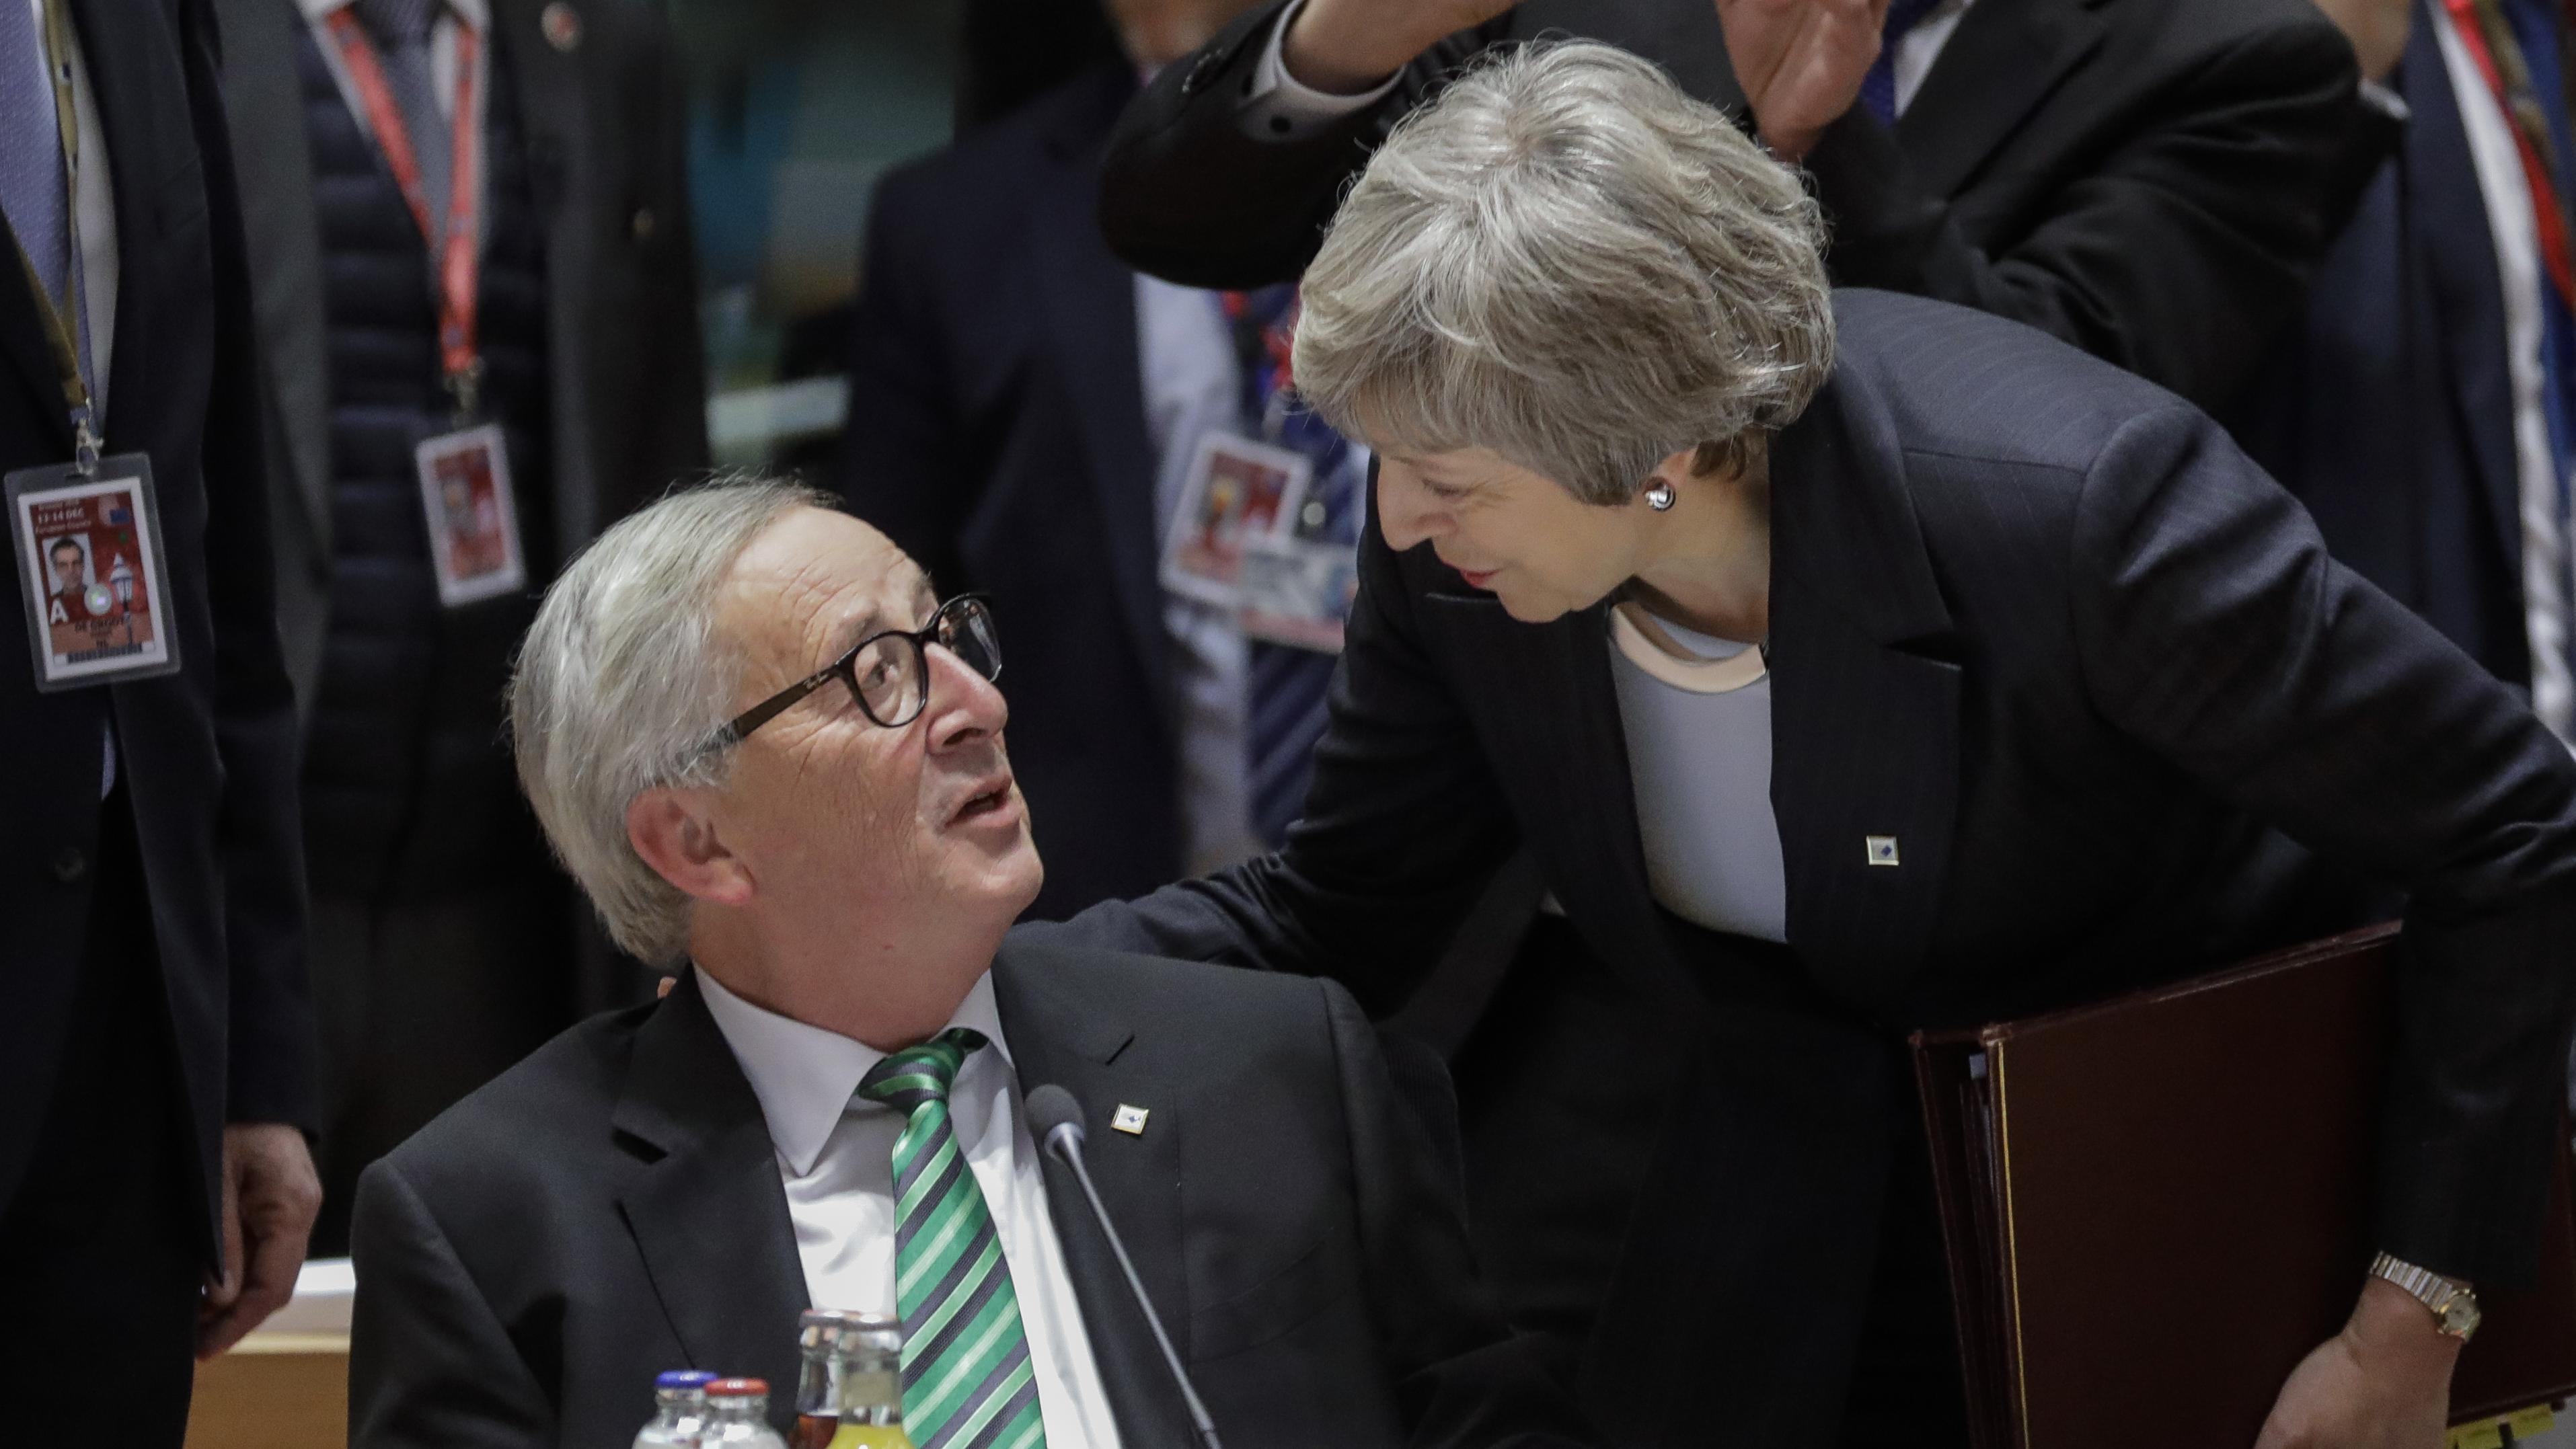 Die britische Premierministerin Theresa May und EU-Kommissionspräsident Jean-Claude Juncker im Gespräch